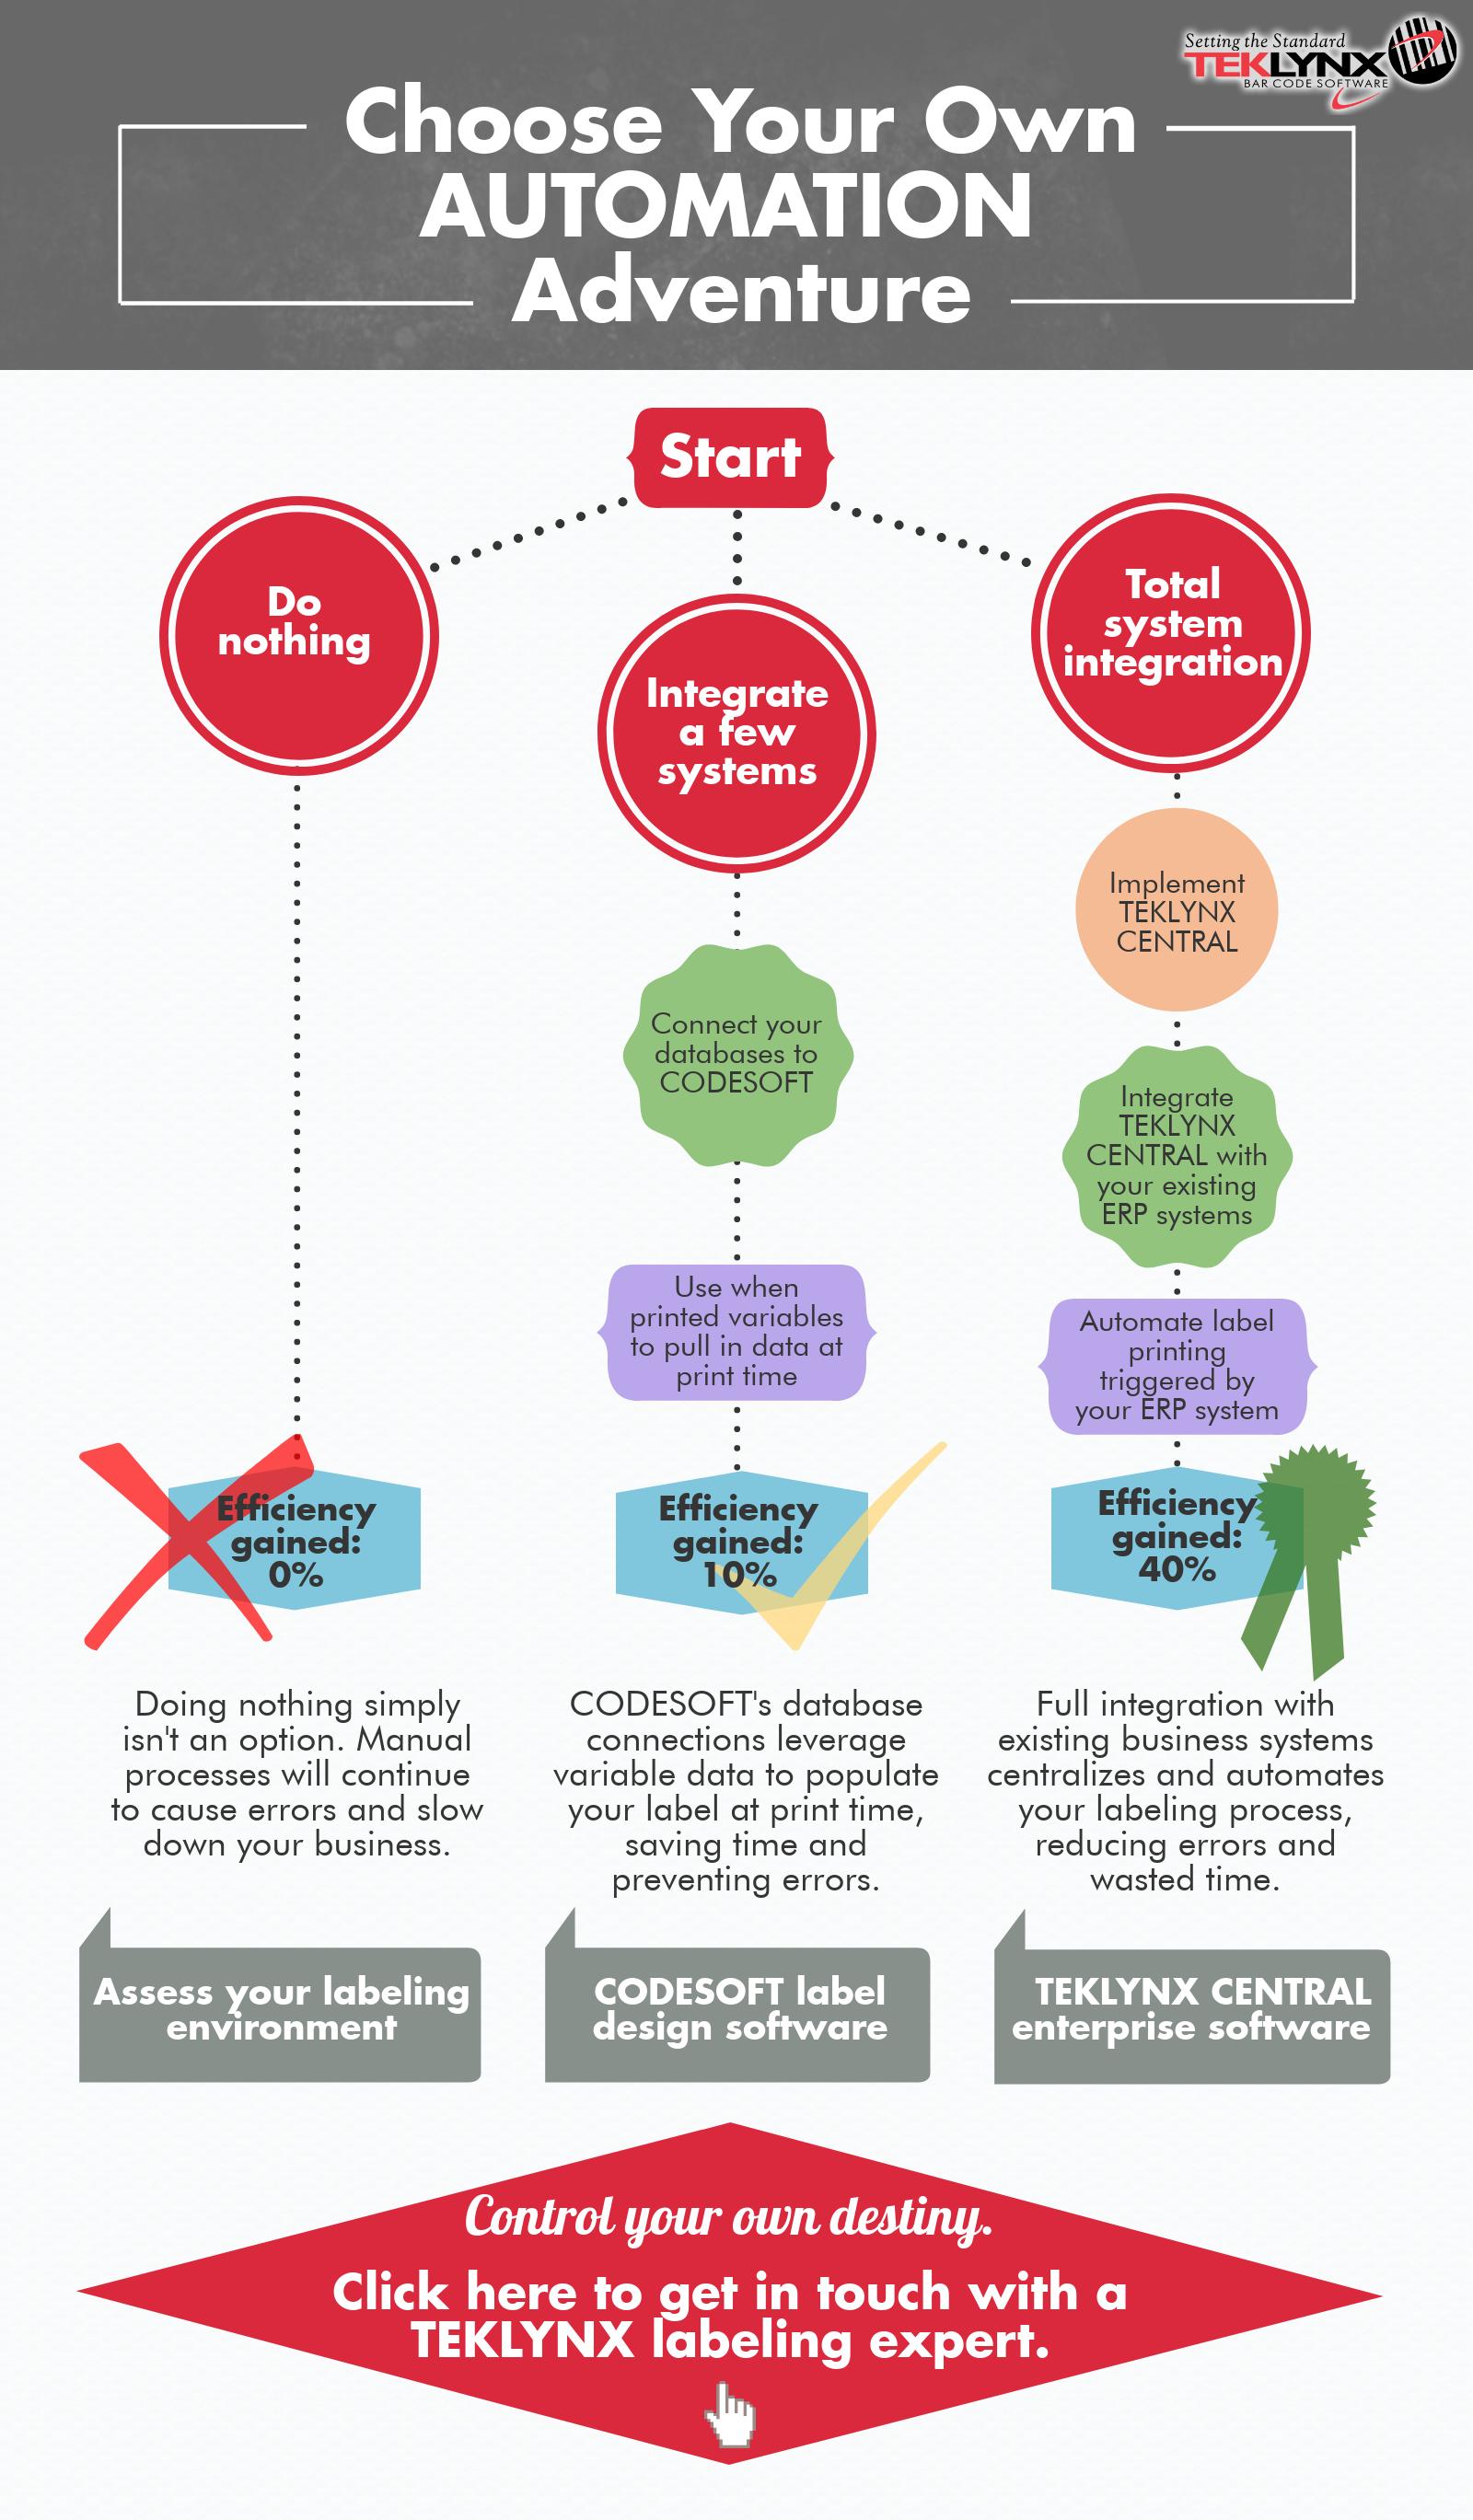 Infográfico: Escolher sua Própria Aventura de Automação